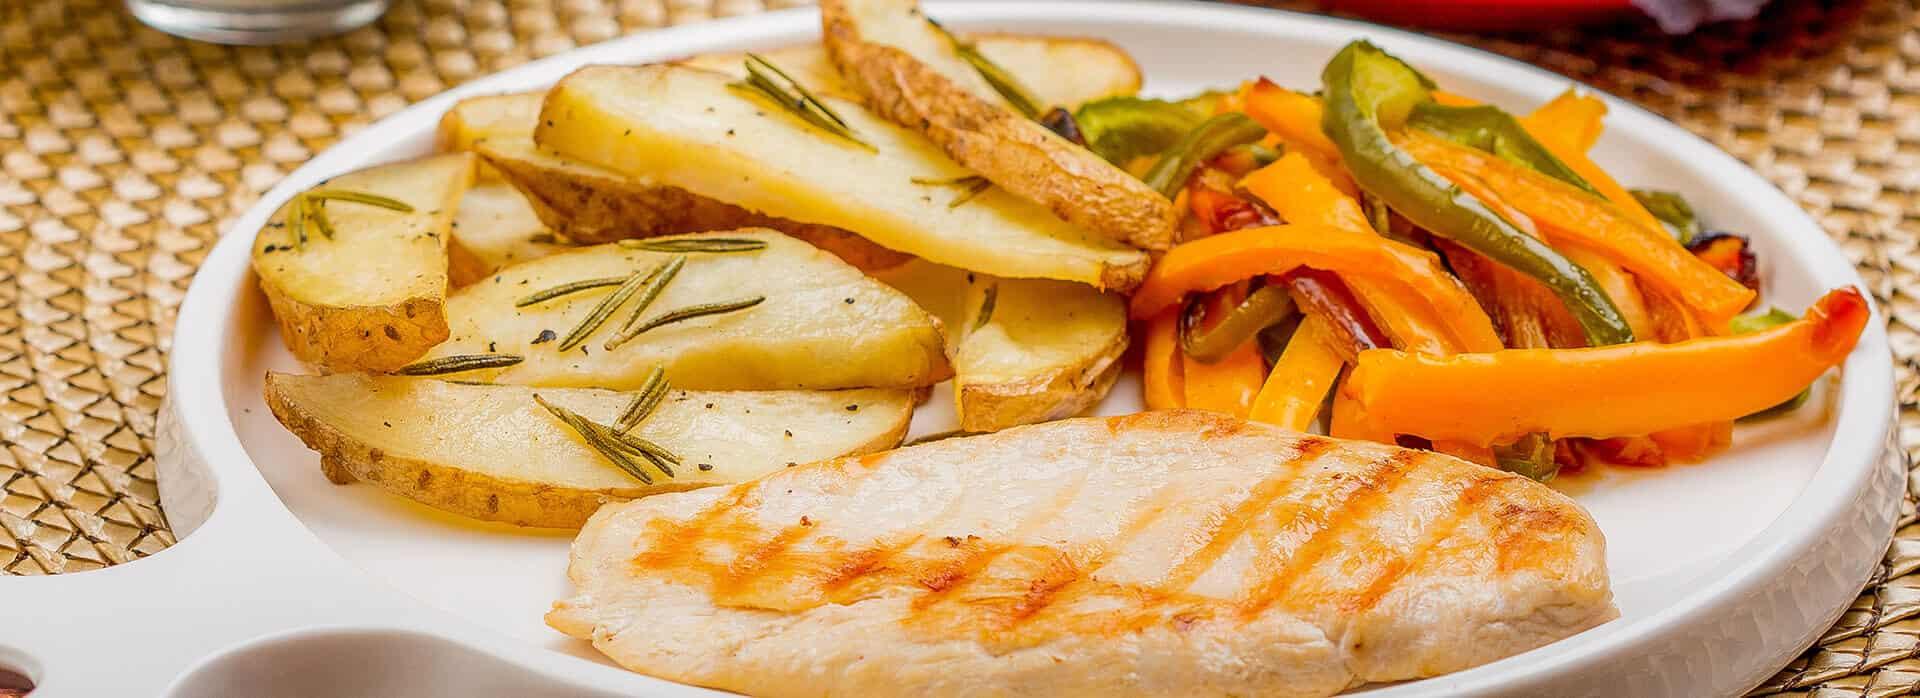 Prueb este almuerzo rápido con pollo al grill friko